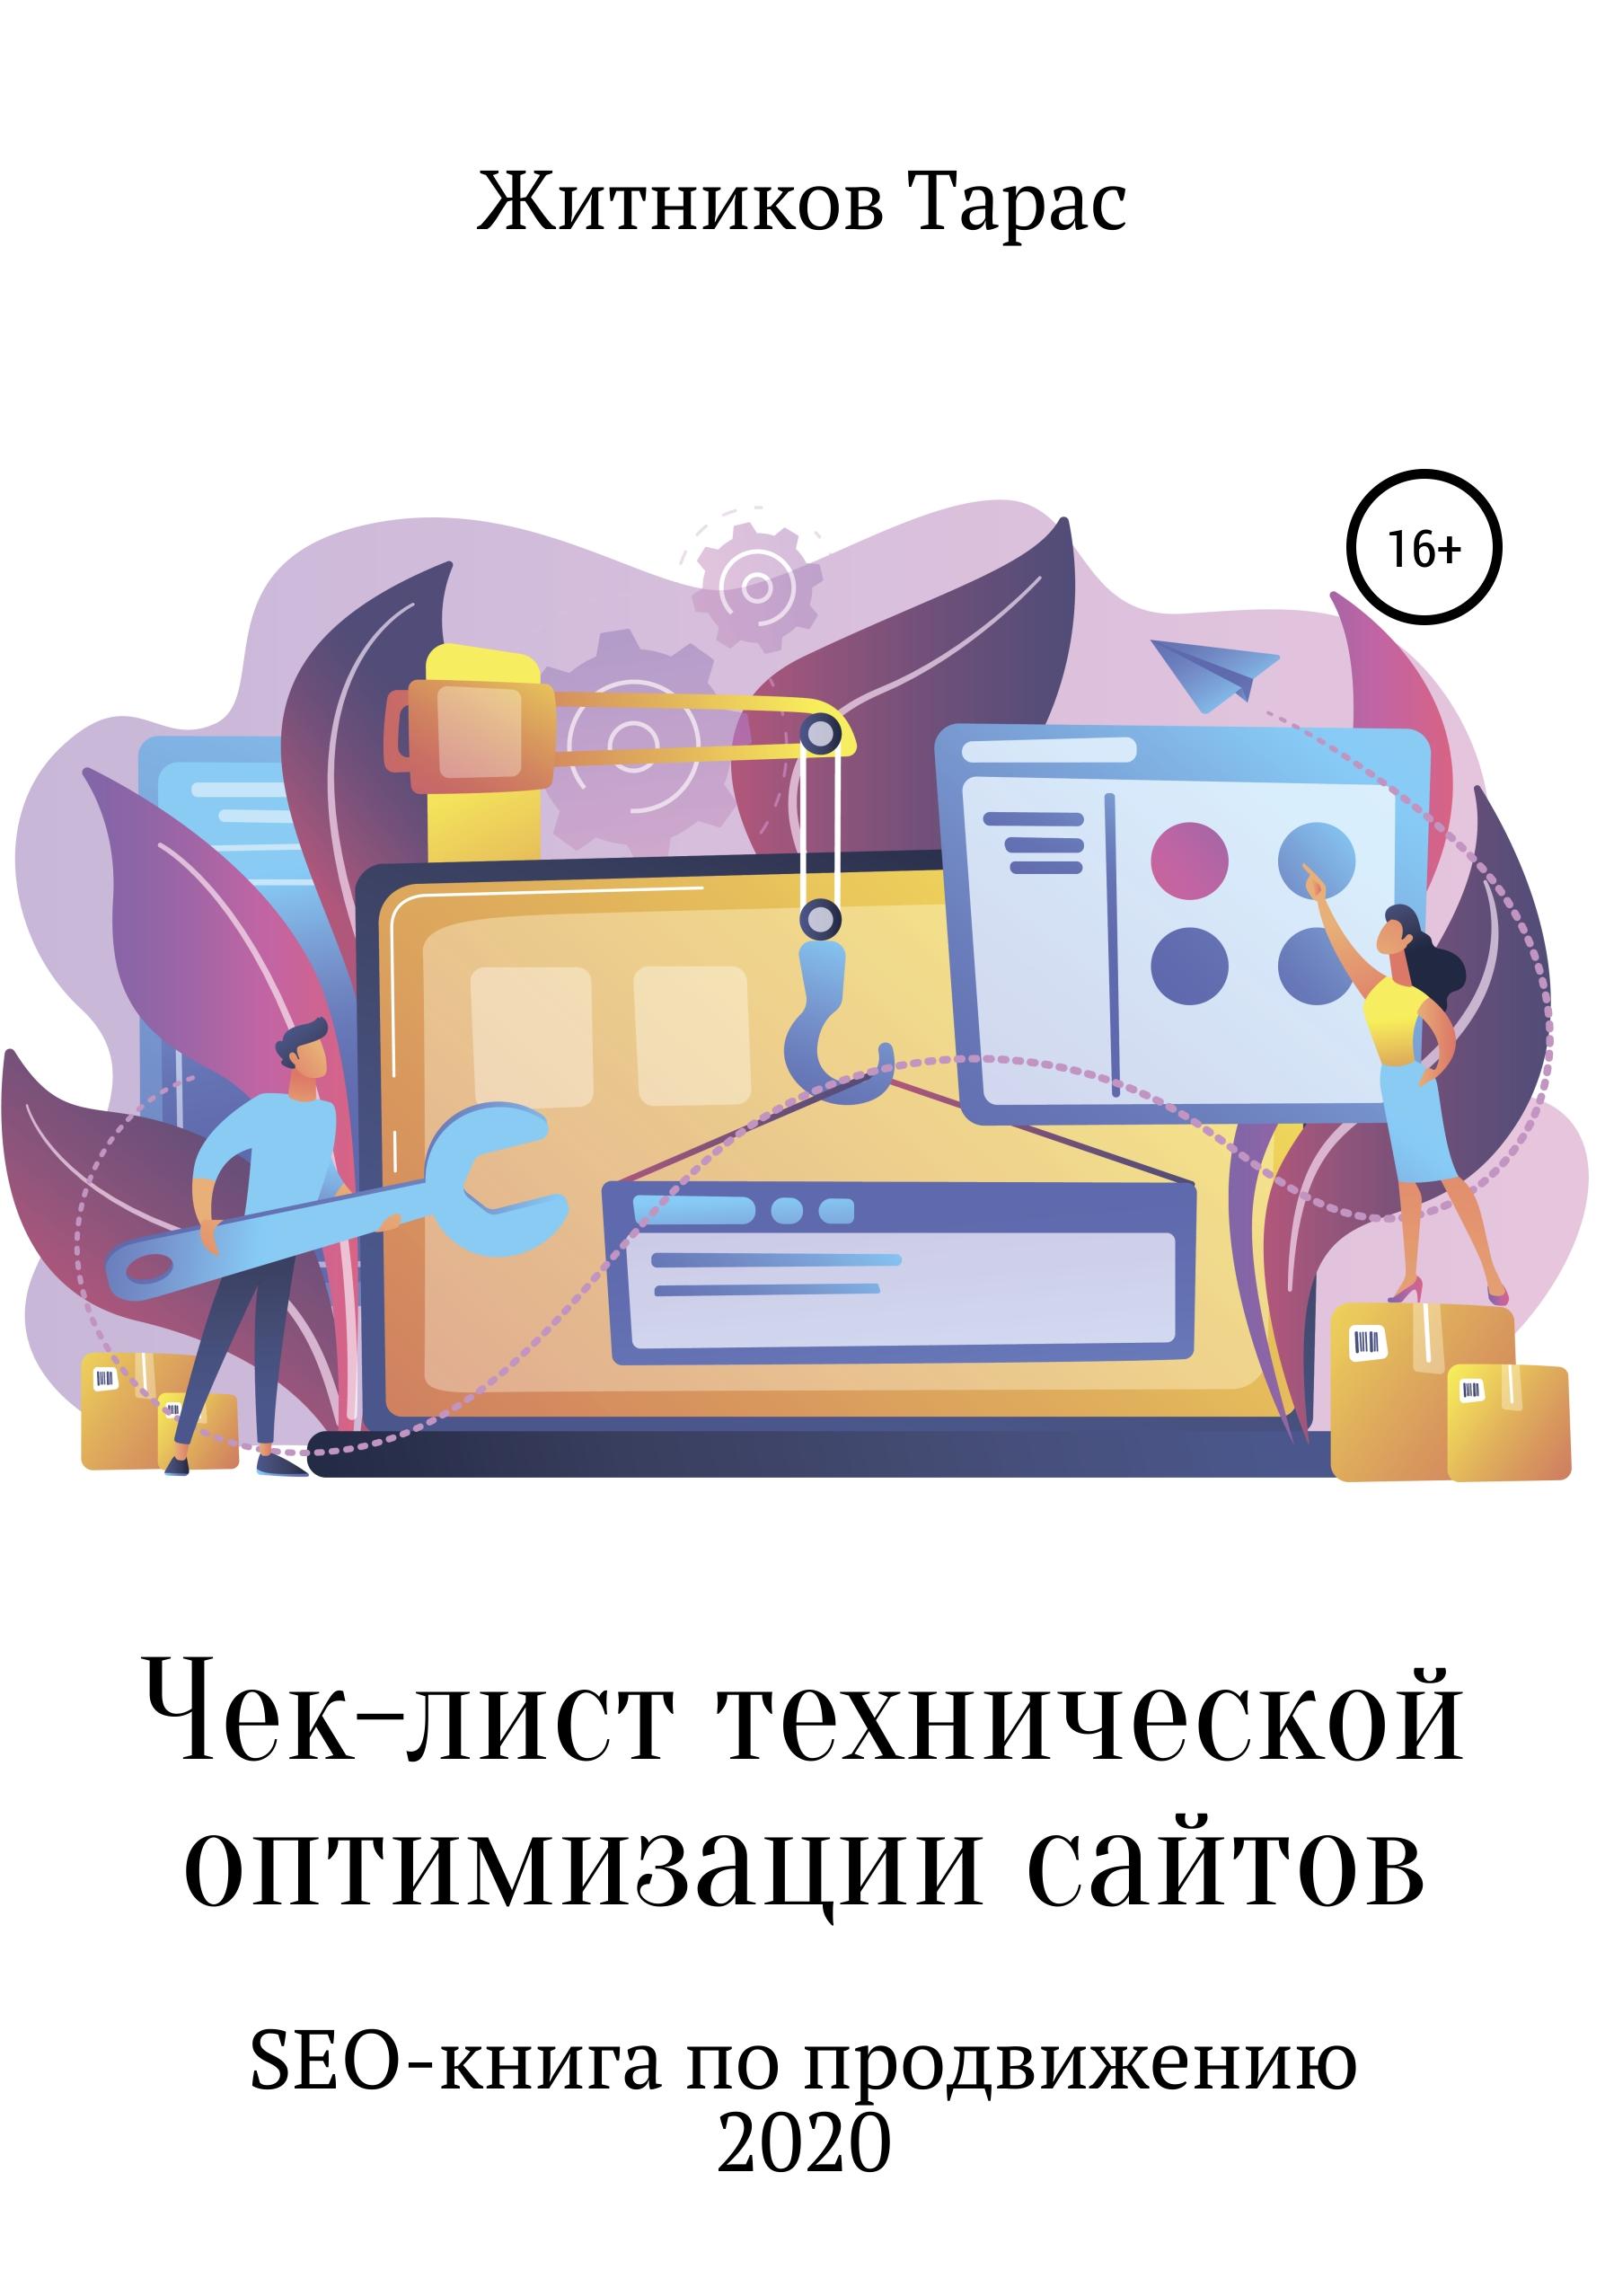 Тарас Житников Чек-лист технической оптимизации сайтов. SEO-книга по продвижению